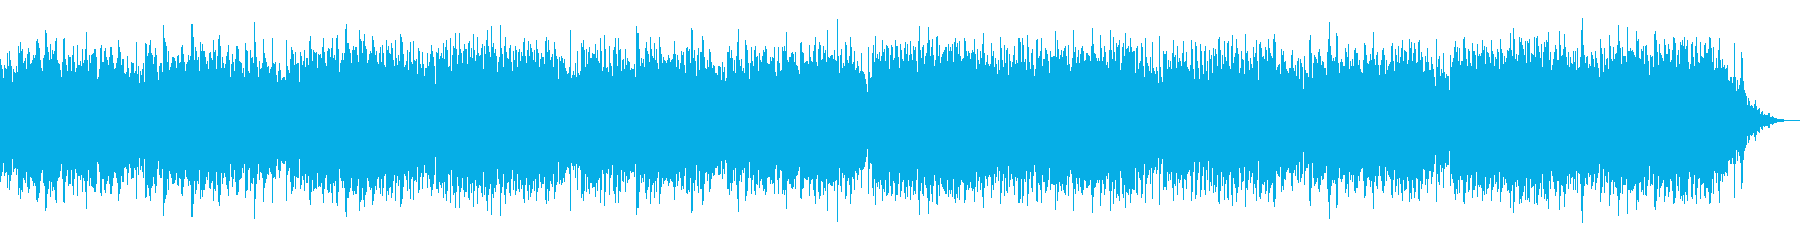 メルヘン的な淡いシンセサイザーBGMの再生済みの波形